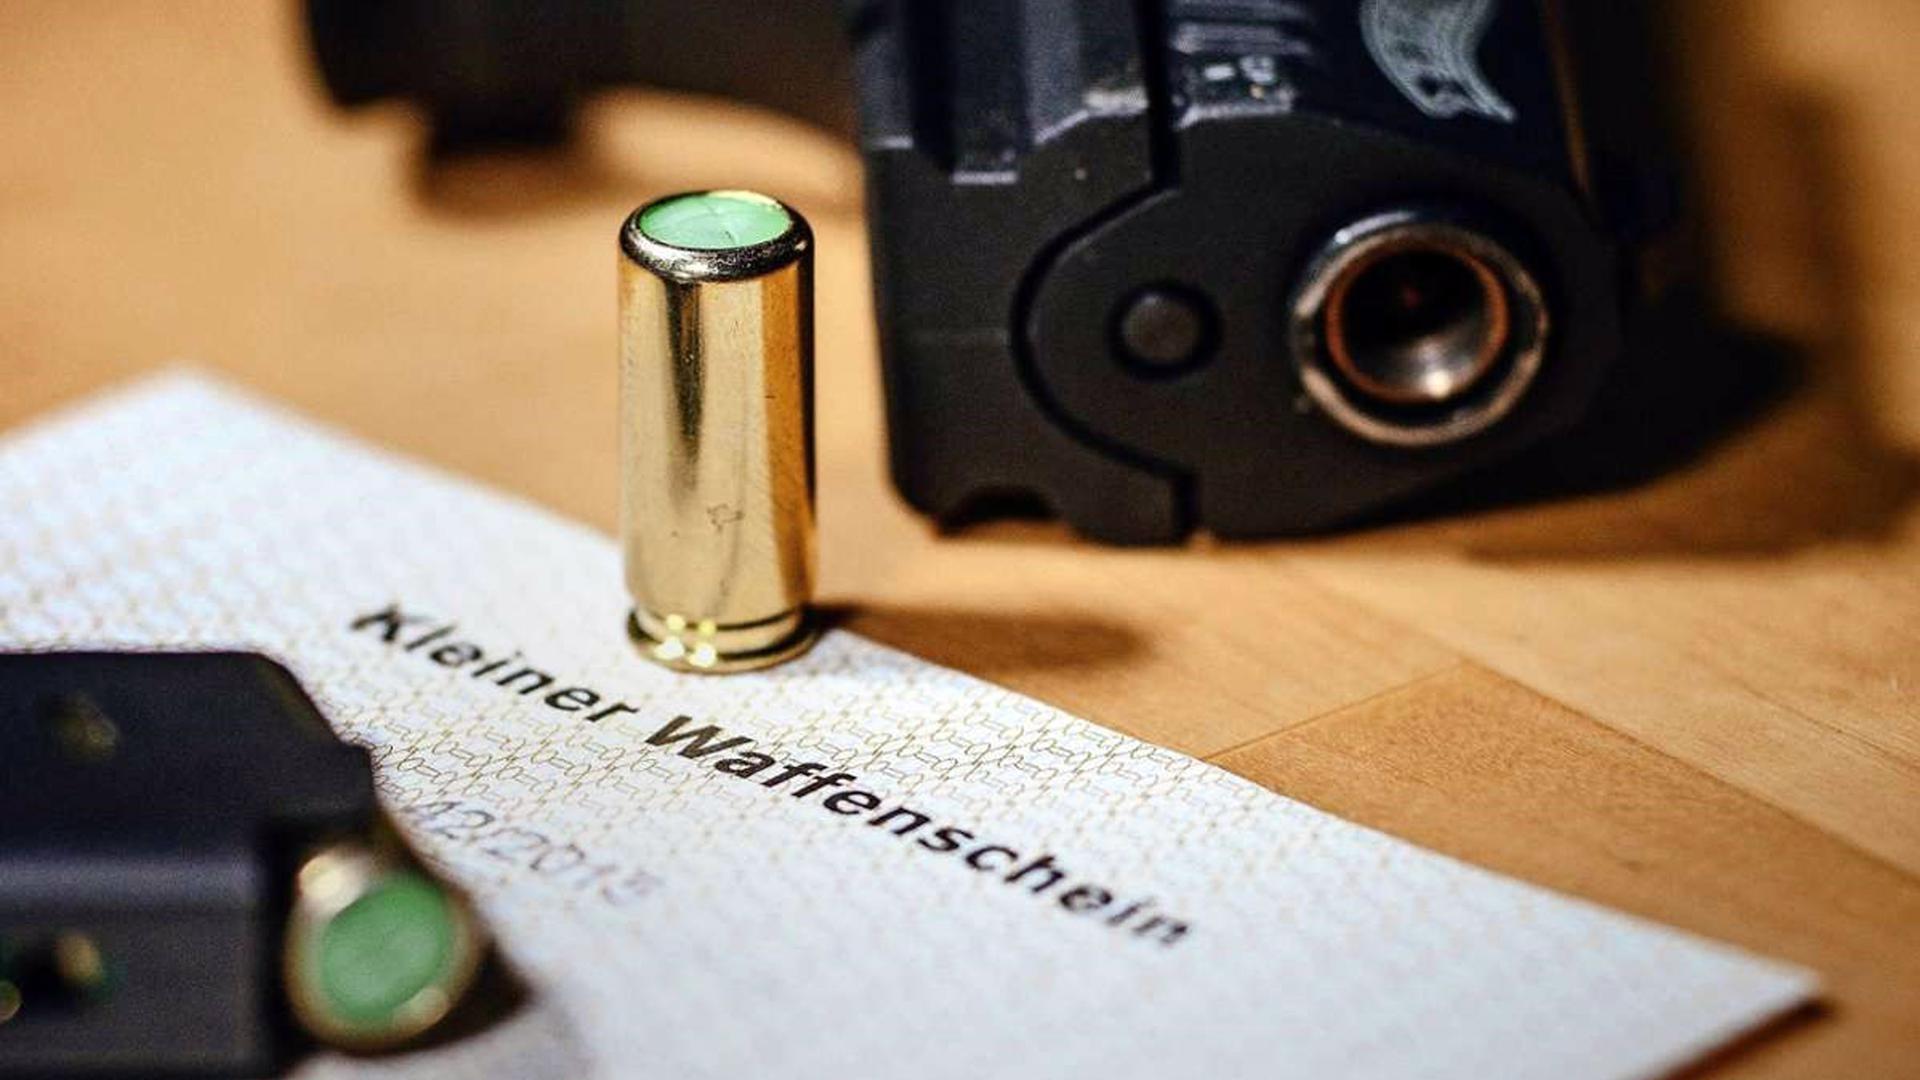 """Auch in der Kurstadt gibt es immer mehr """"kleine Waffenscheine"""": Mit ihnen dürfen """"erlaubnisfreie Waffen"""" , also Schreckschuss-, Reizstoff- und Signalwaffen, in der Öffentlichkeit mitgeführt werden."""